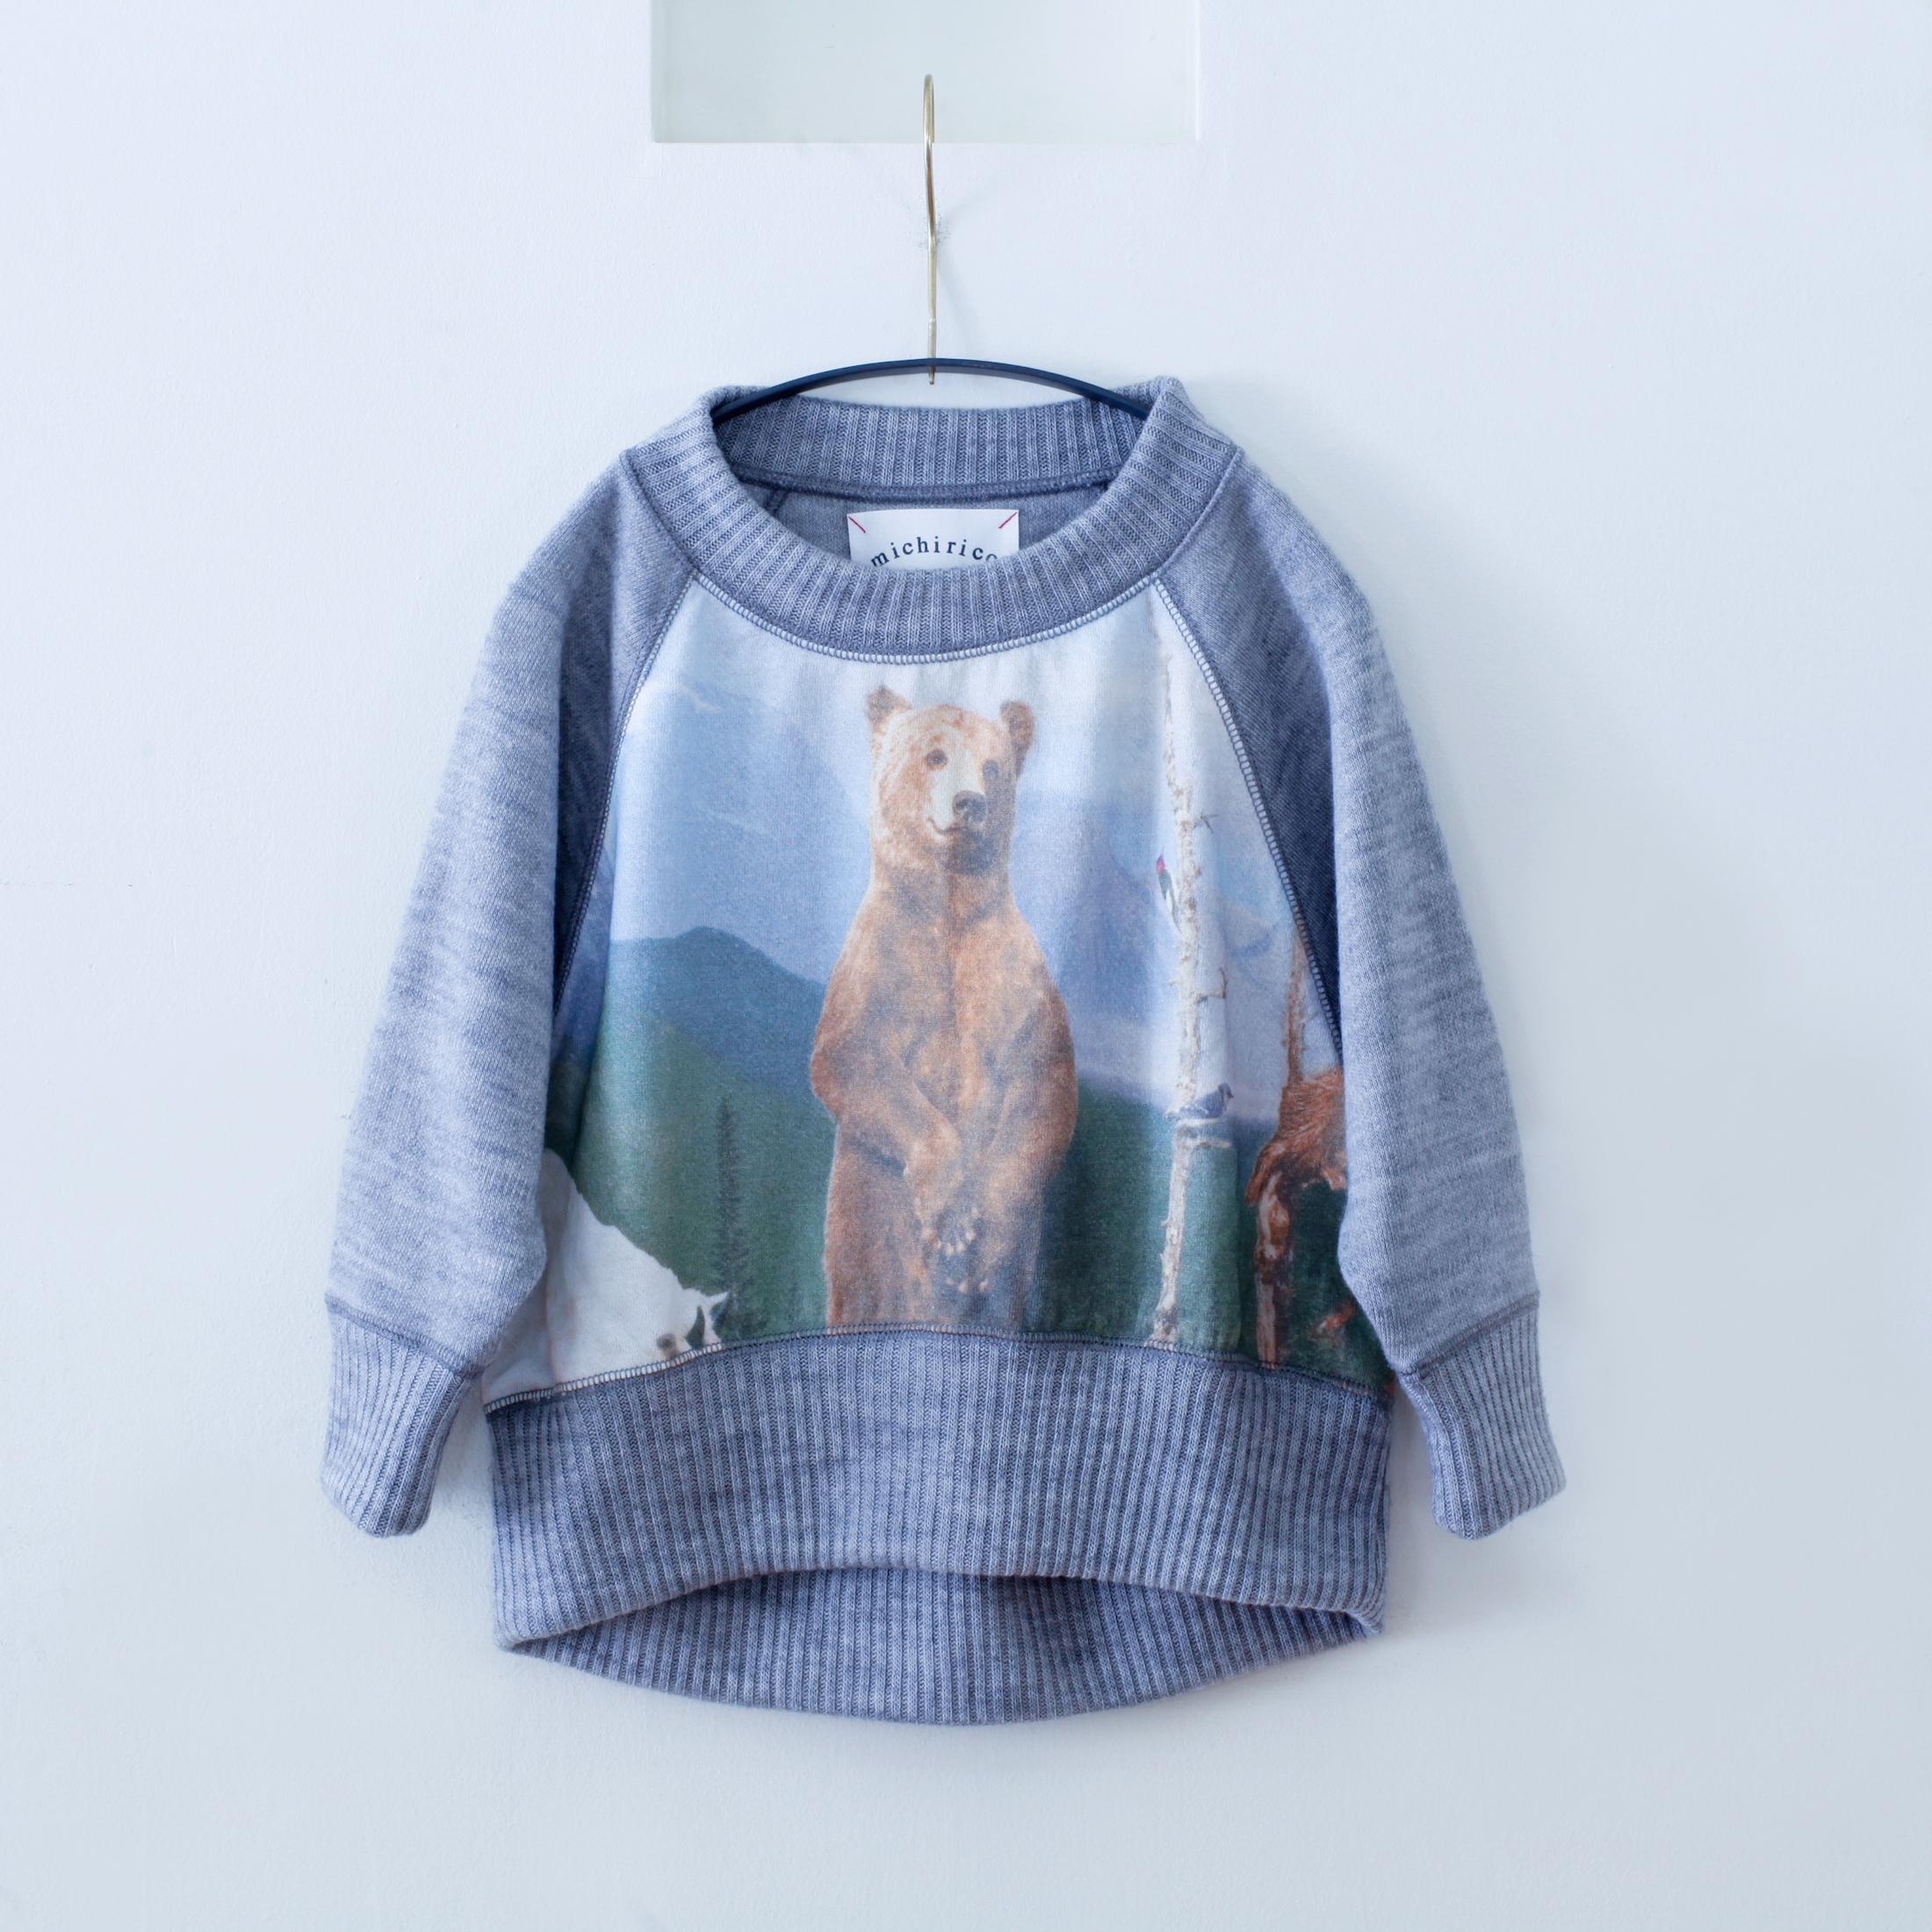 《michirico 2015AW》bear knit / gray / L(120-130cm)